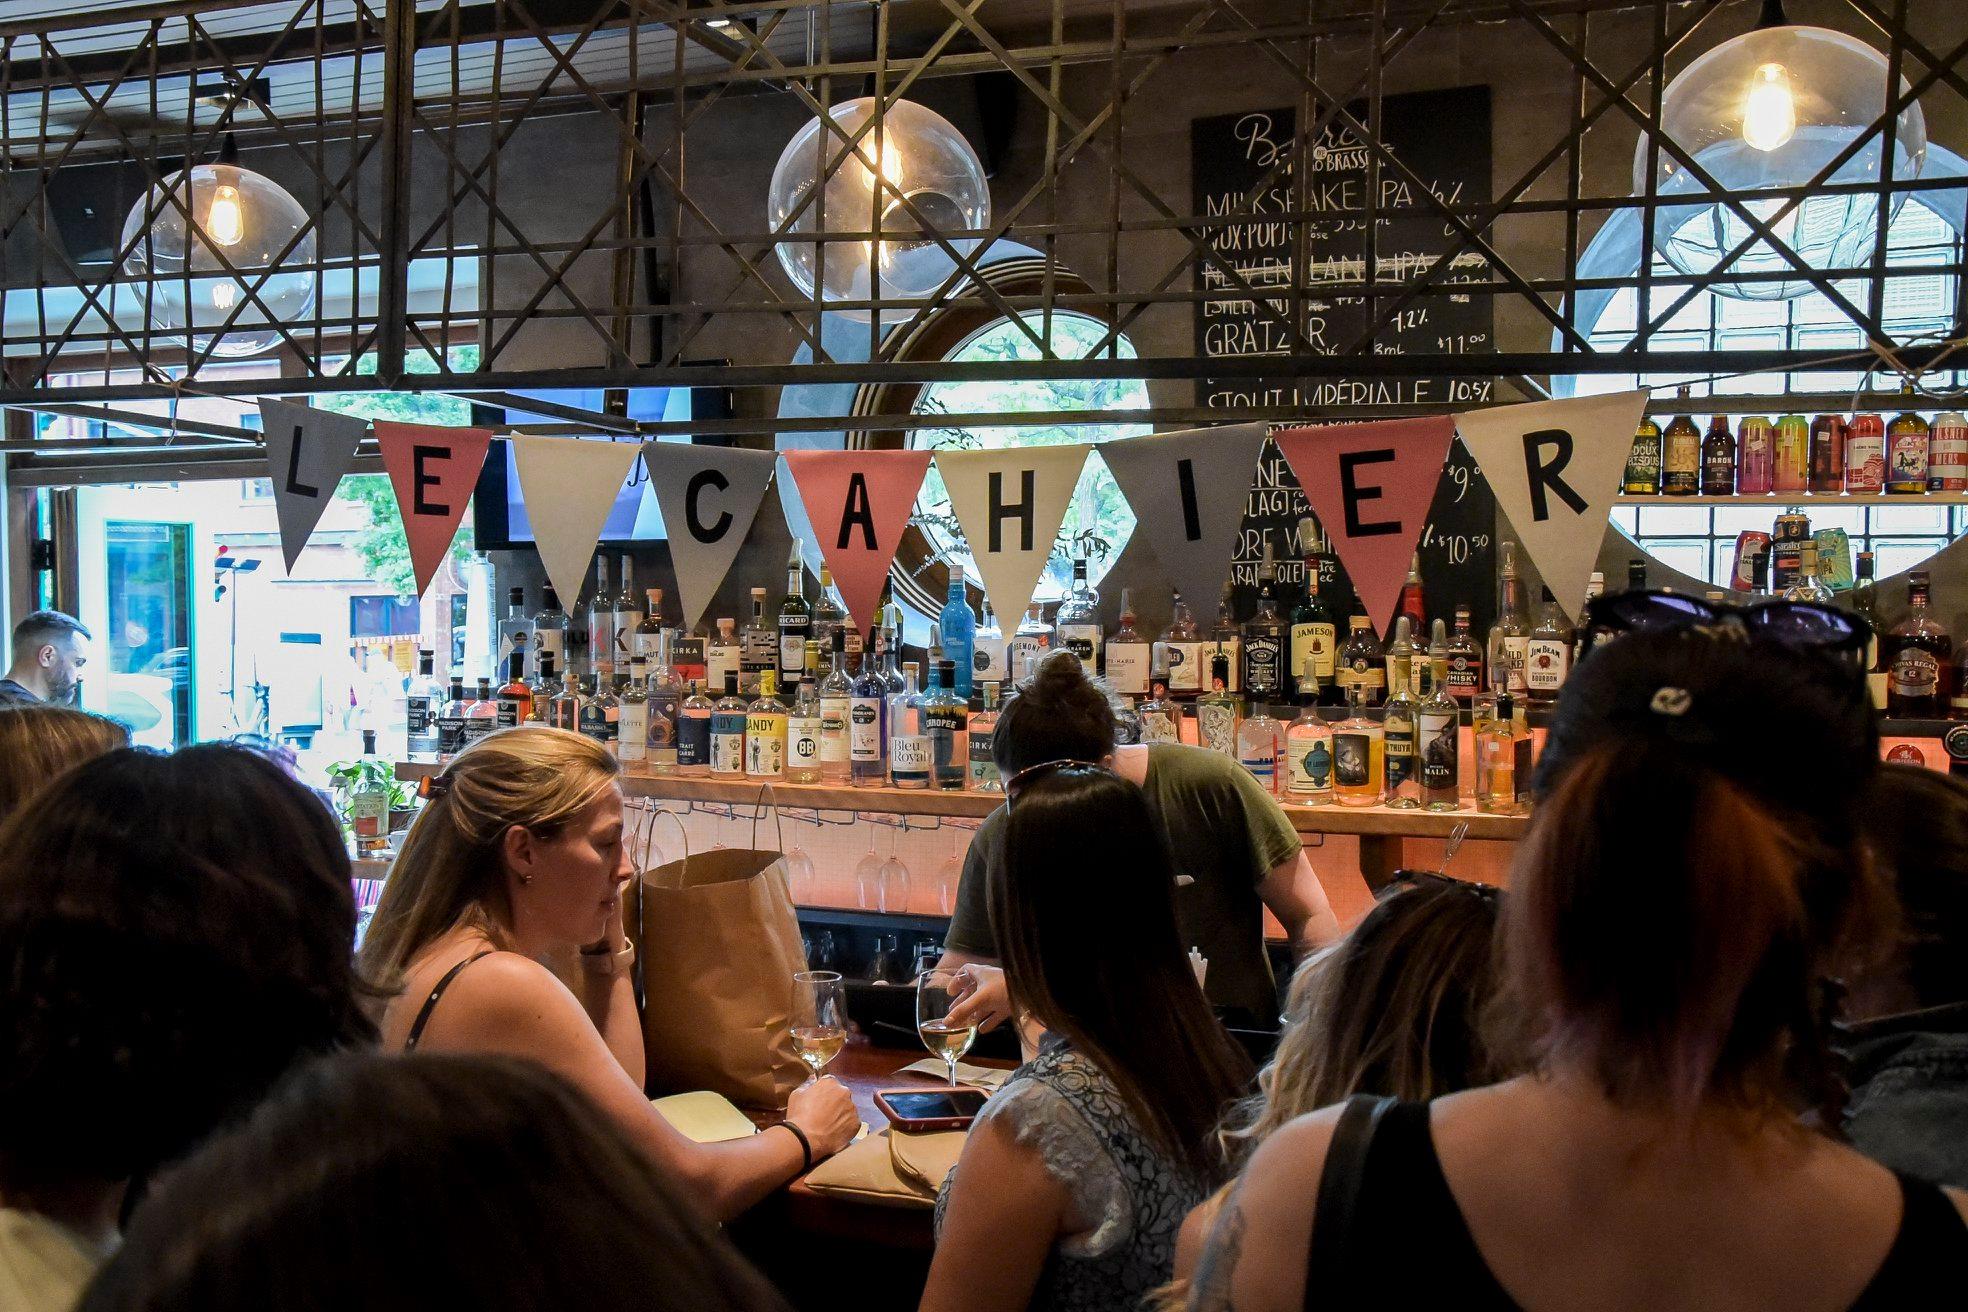 party 6 ans le cahier mtl bar decoration